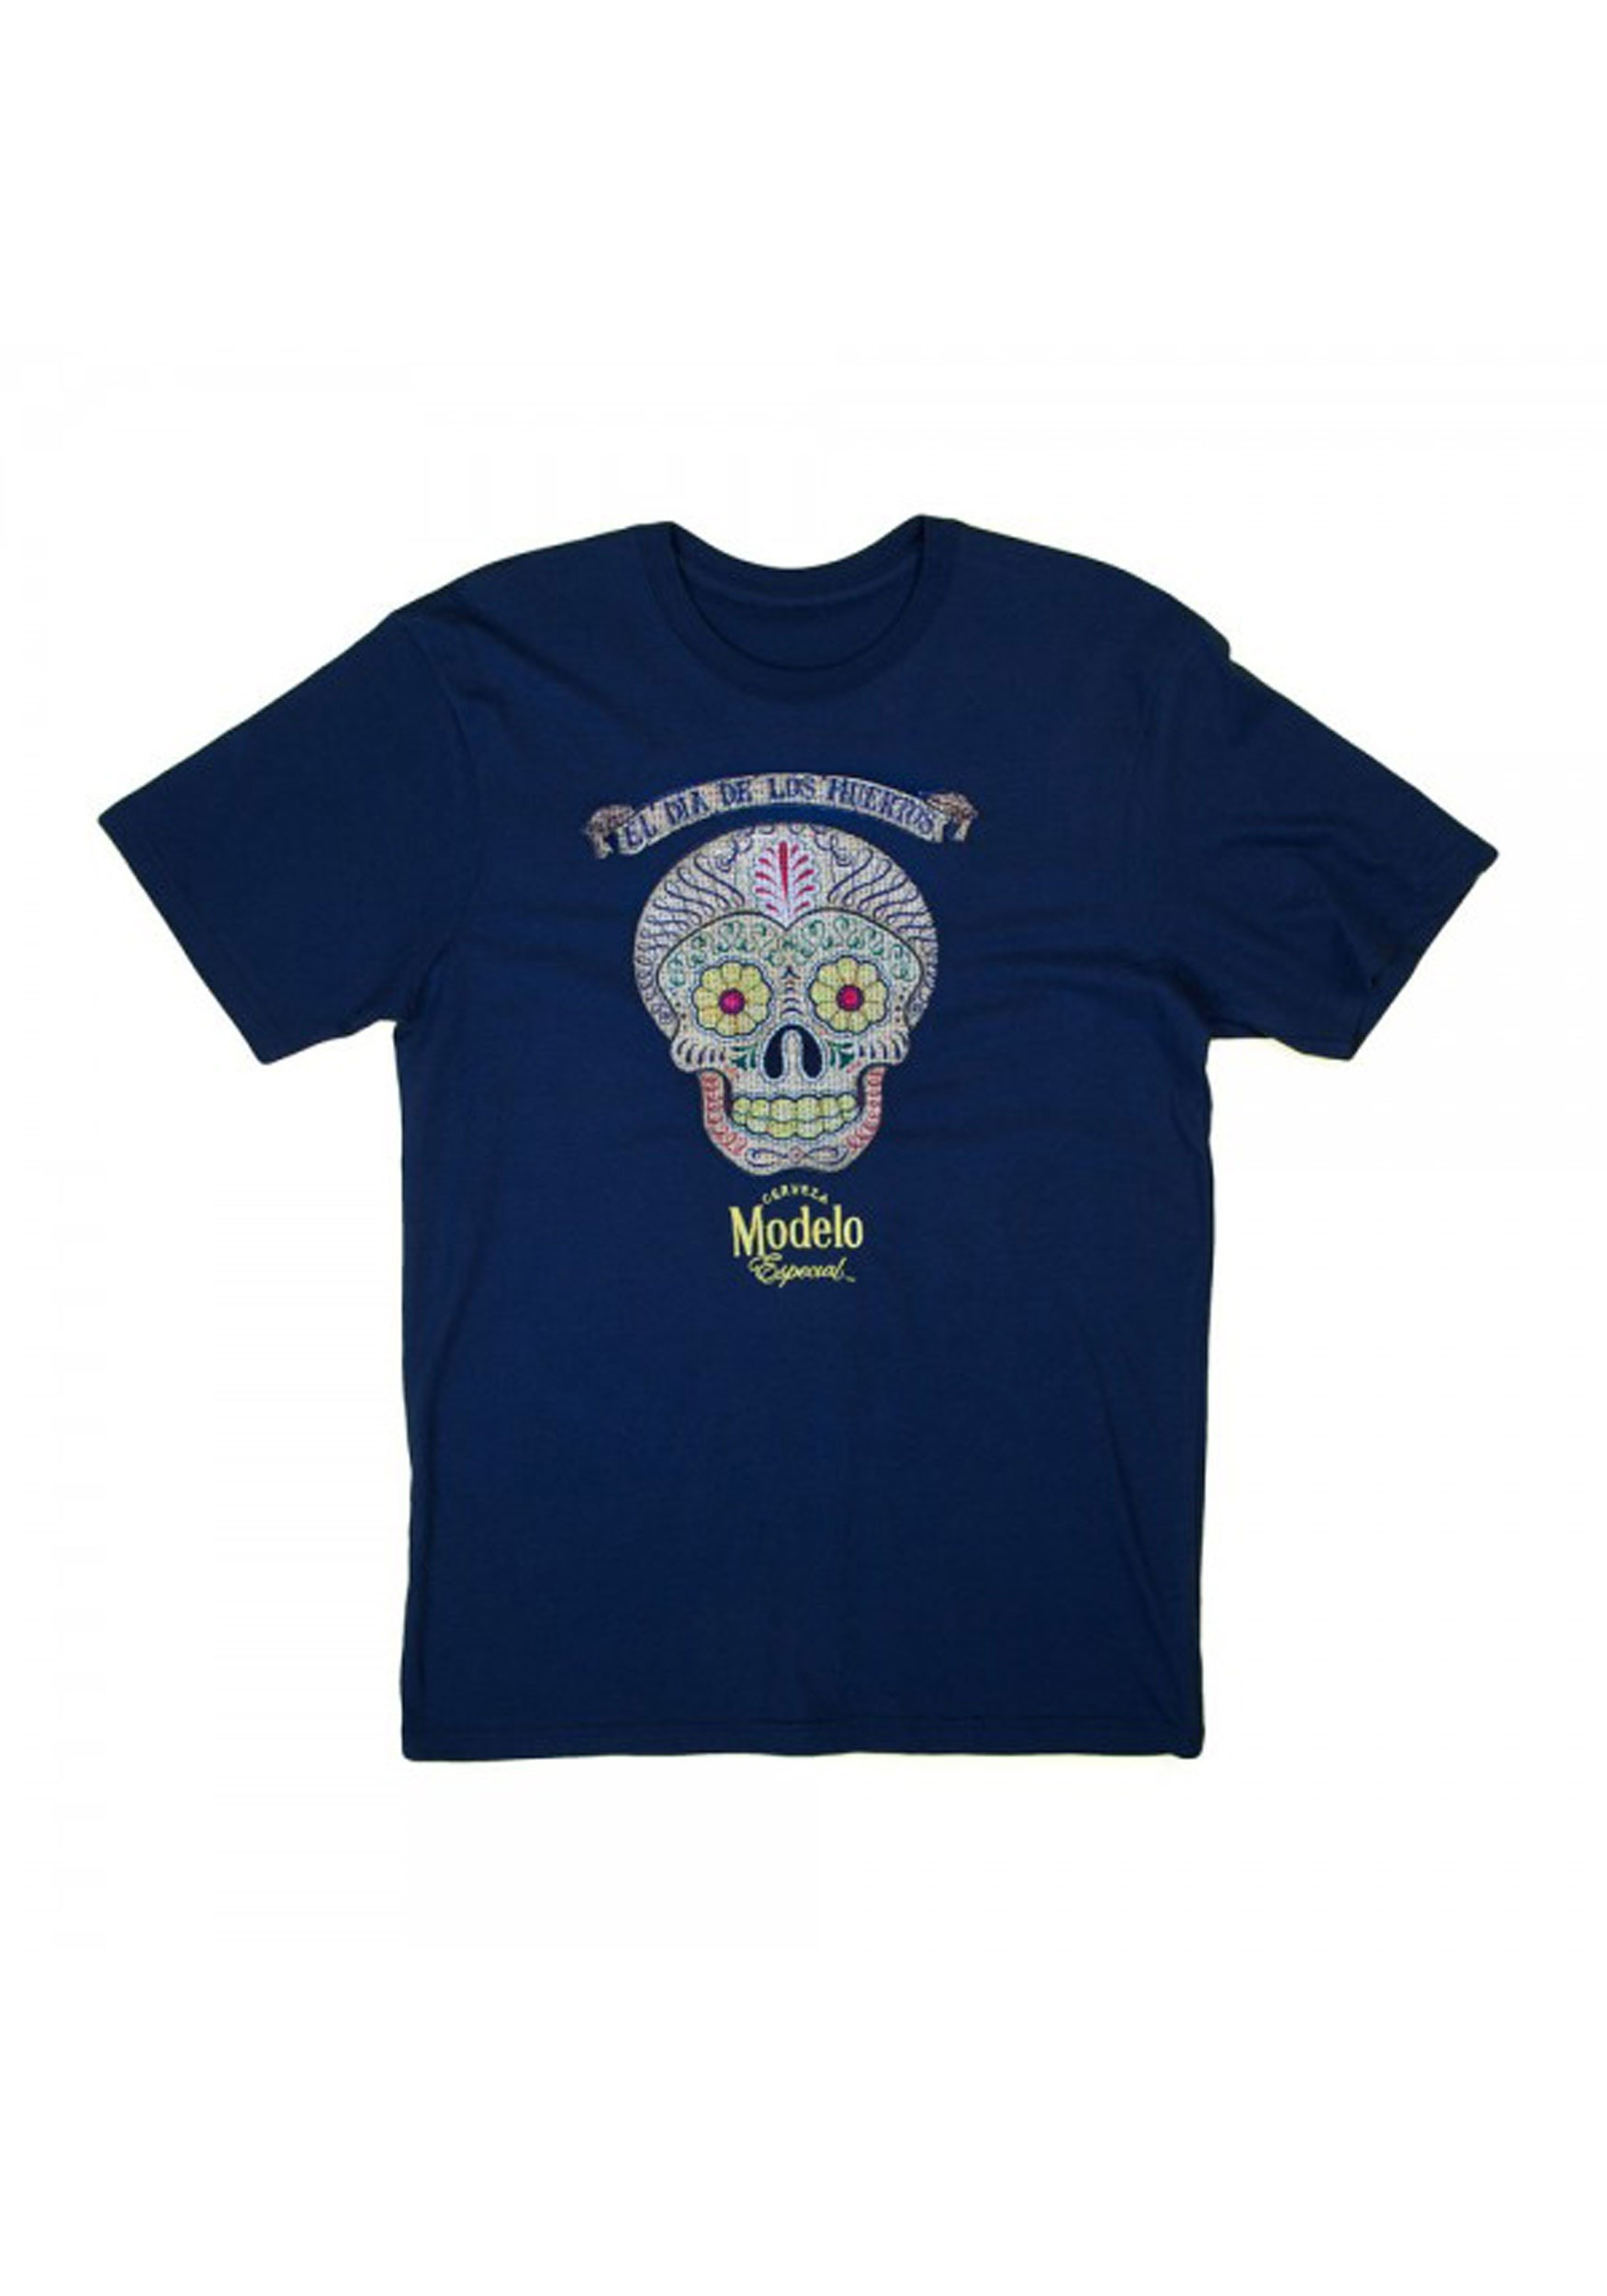 Modelo Dia De Los Muertos Men's T-Shirt